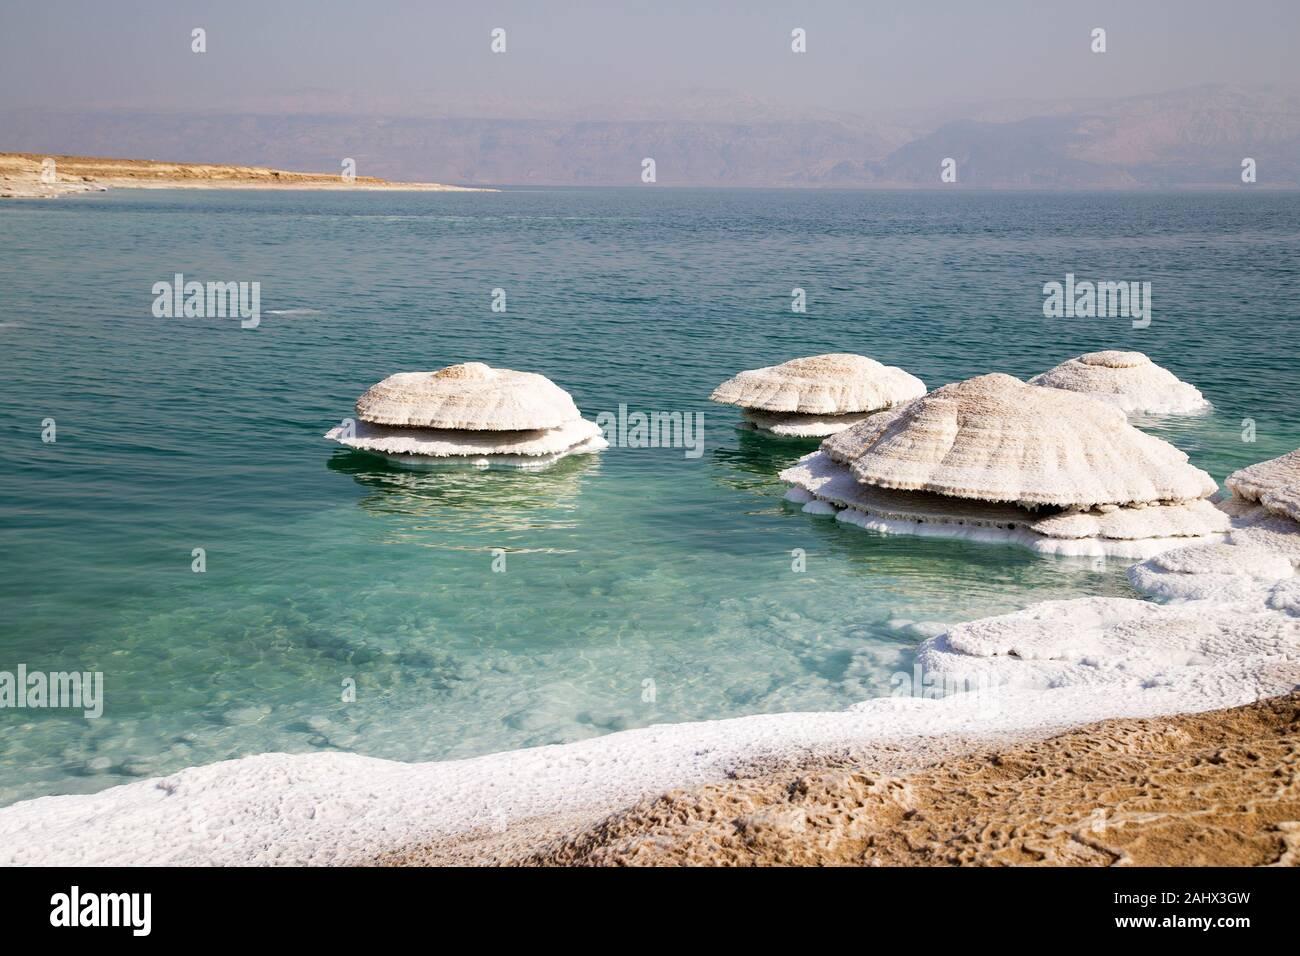 Les cheminées de sel de la mer Morte se forment là où l'eau douce s'écoule dans l'eau salée et est exposée à la chute des niveaux d'eau. Banque D'Images